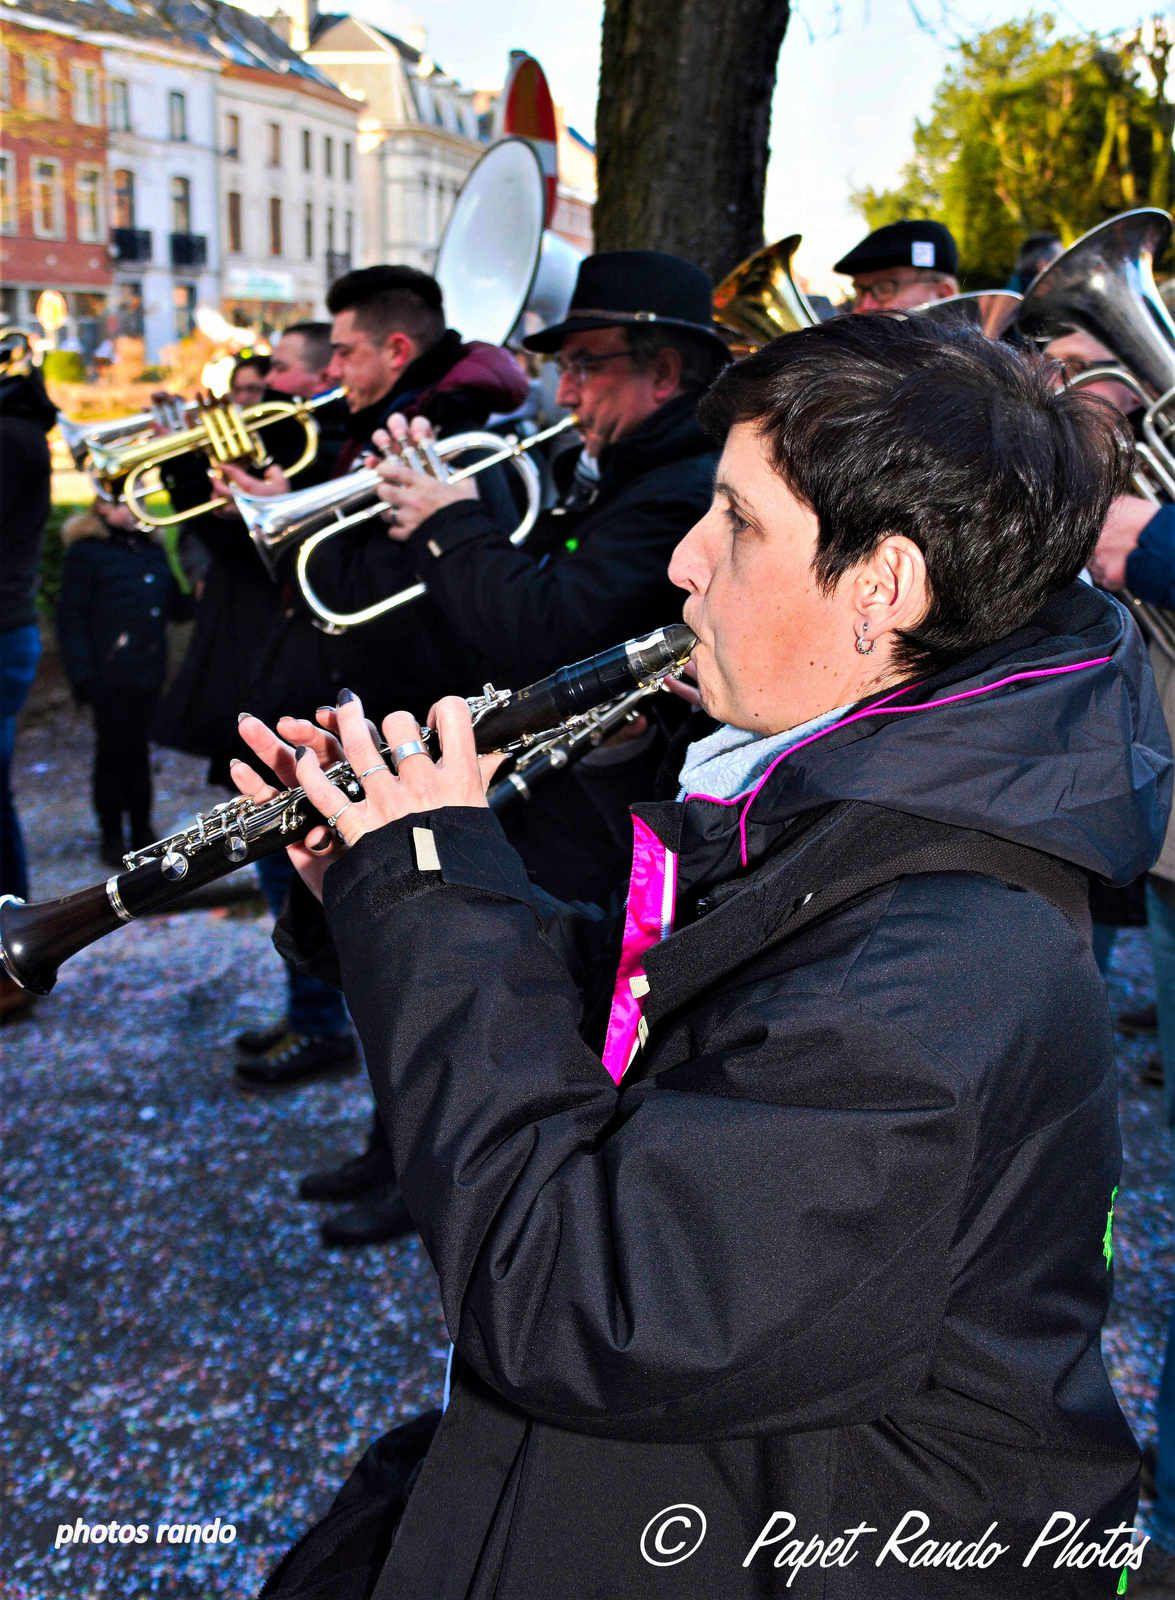 Photos sur plusieurs années de photos, les vrais Carnavals-Cavalcades de nos régions, ou le vrai Floklore toujours en avant : Gilles a Fleurus, Ecaussinnes,Charleroi,Nivelles, Binche, + les incontournables Vraies Cavalcades